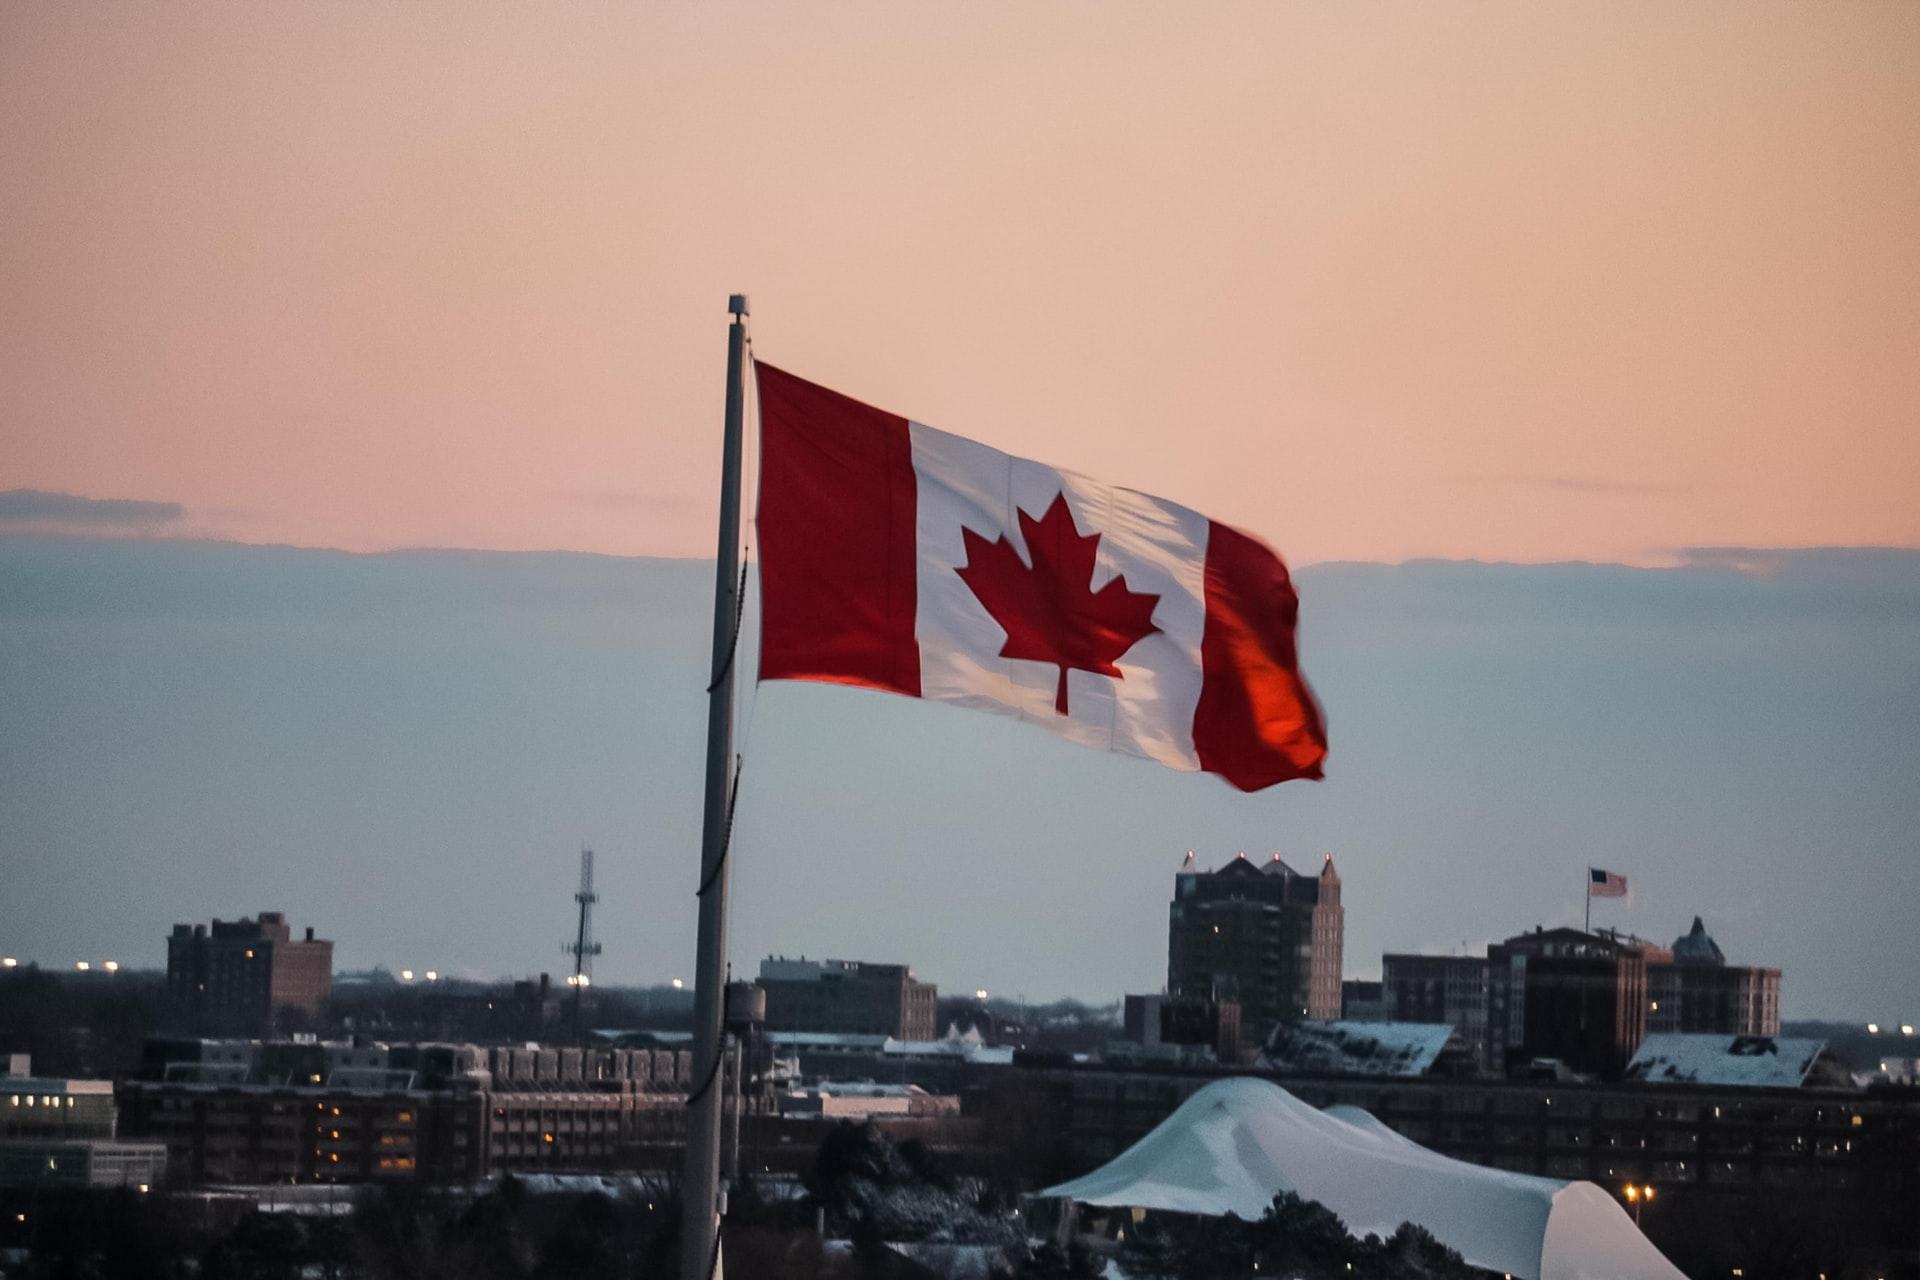 TESTE: Estes fatos sobre o Canadá são verdadeiros ou falsos?